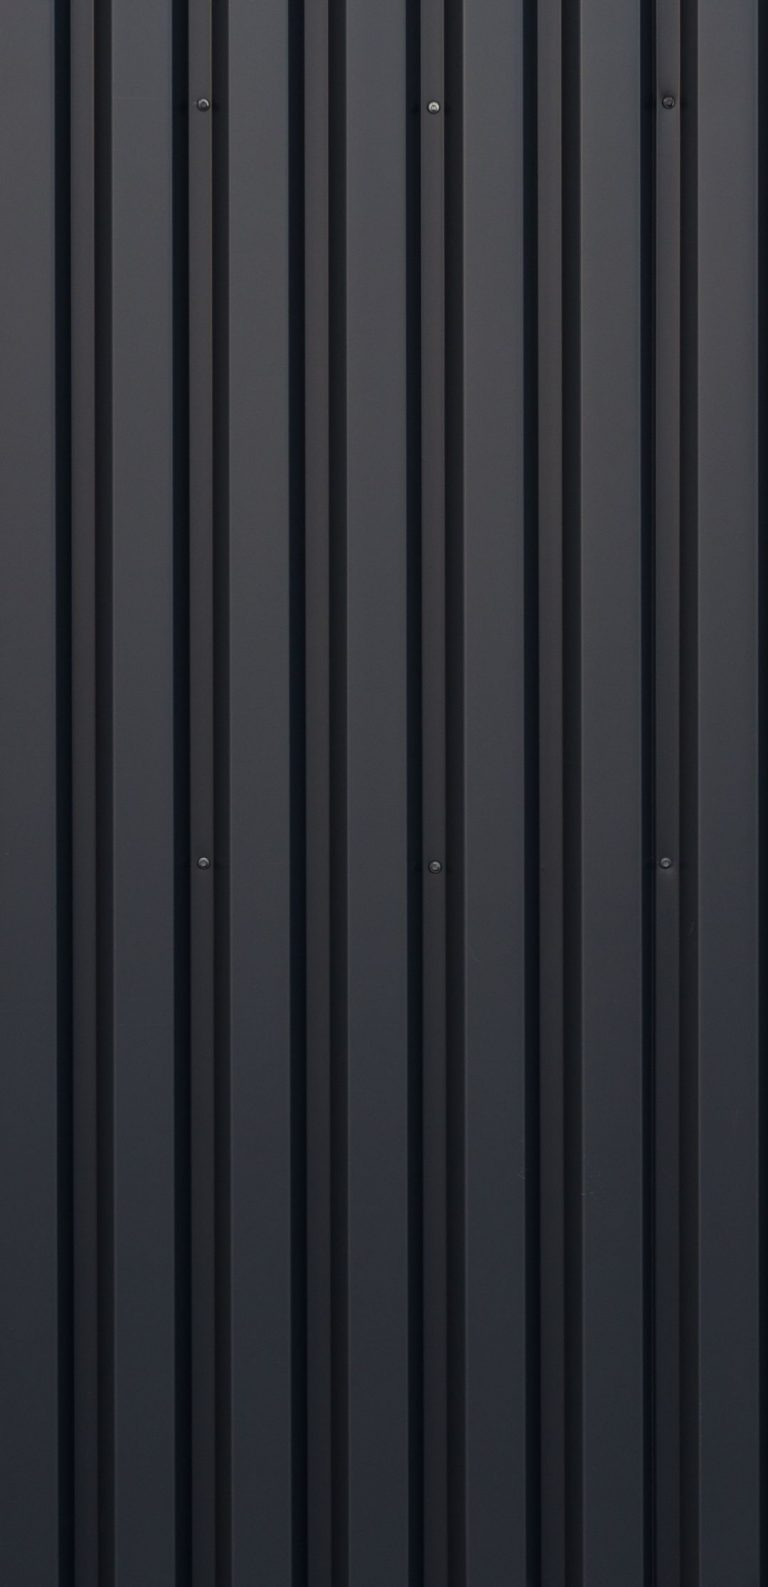 1080x2232 Wallpaper 064 768x1587